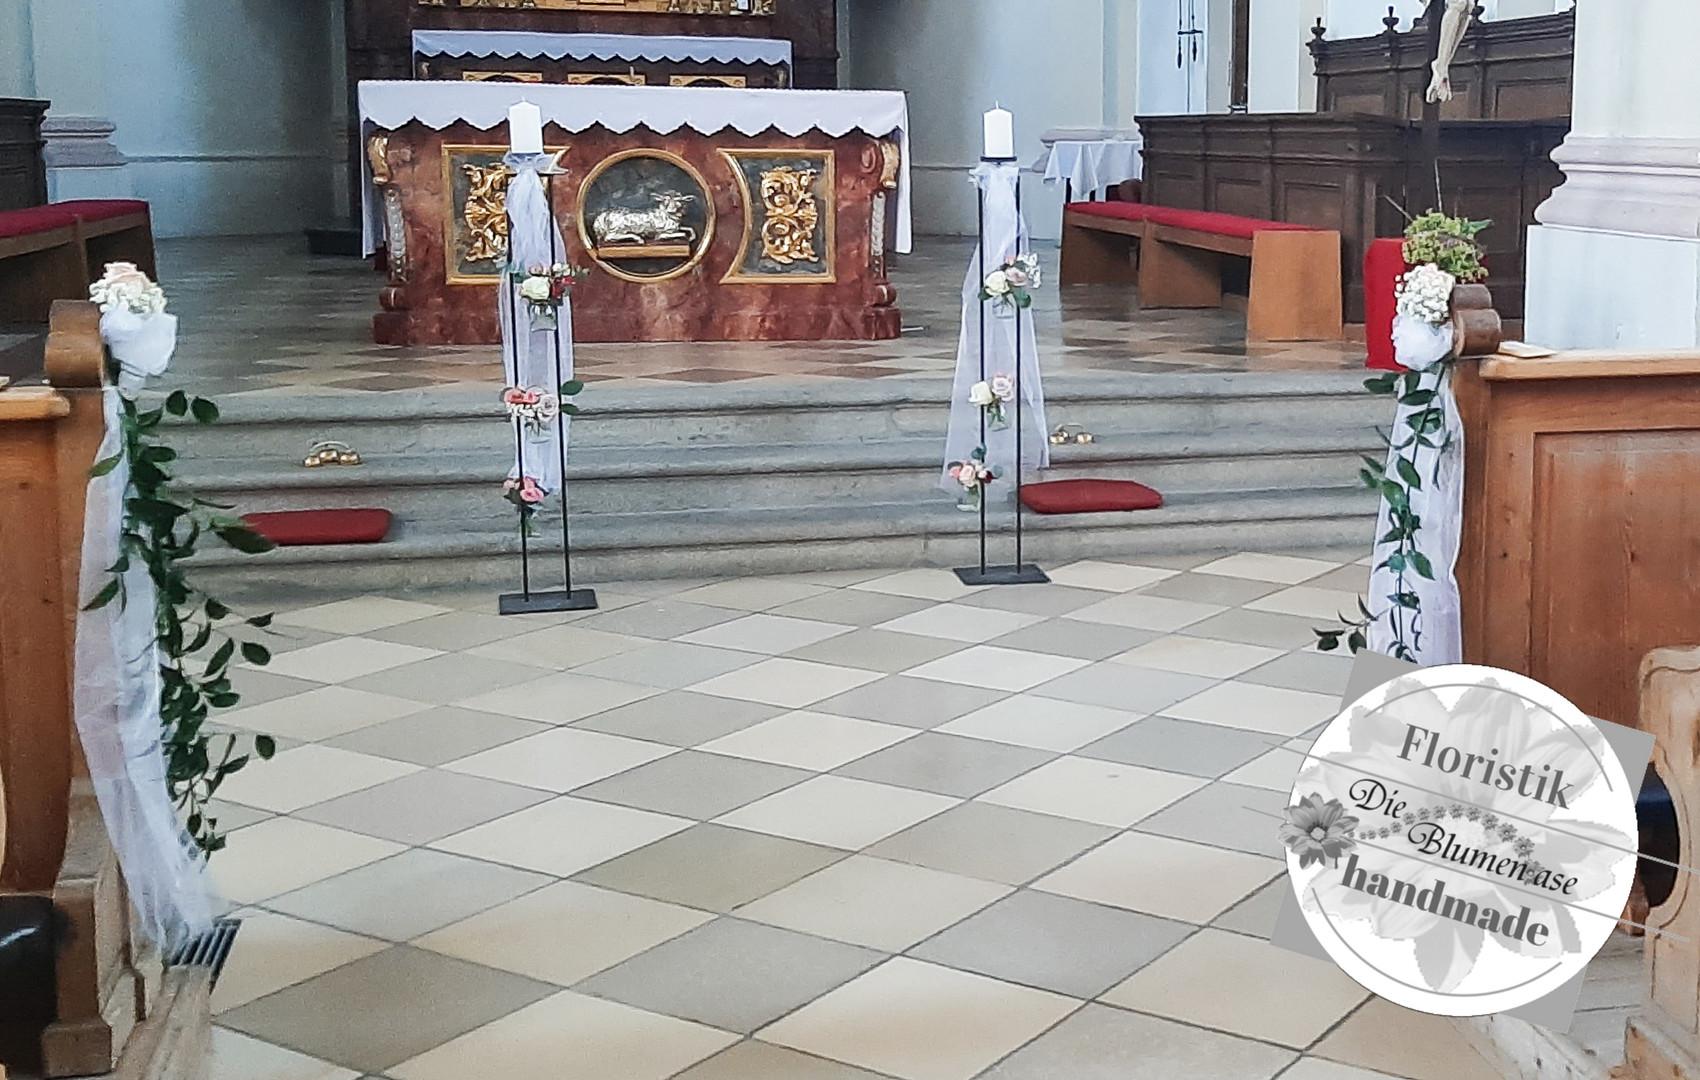 Katholische Kirche Taufkirchen Vils